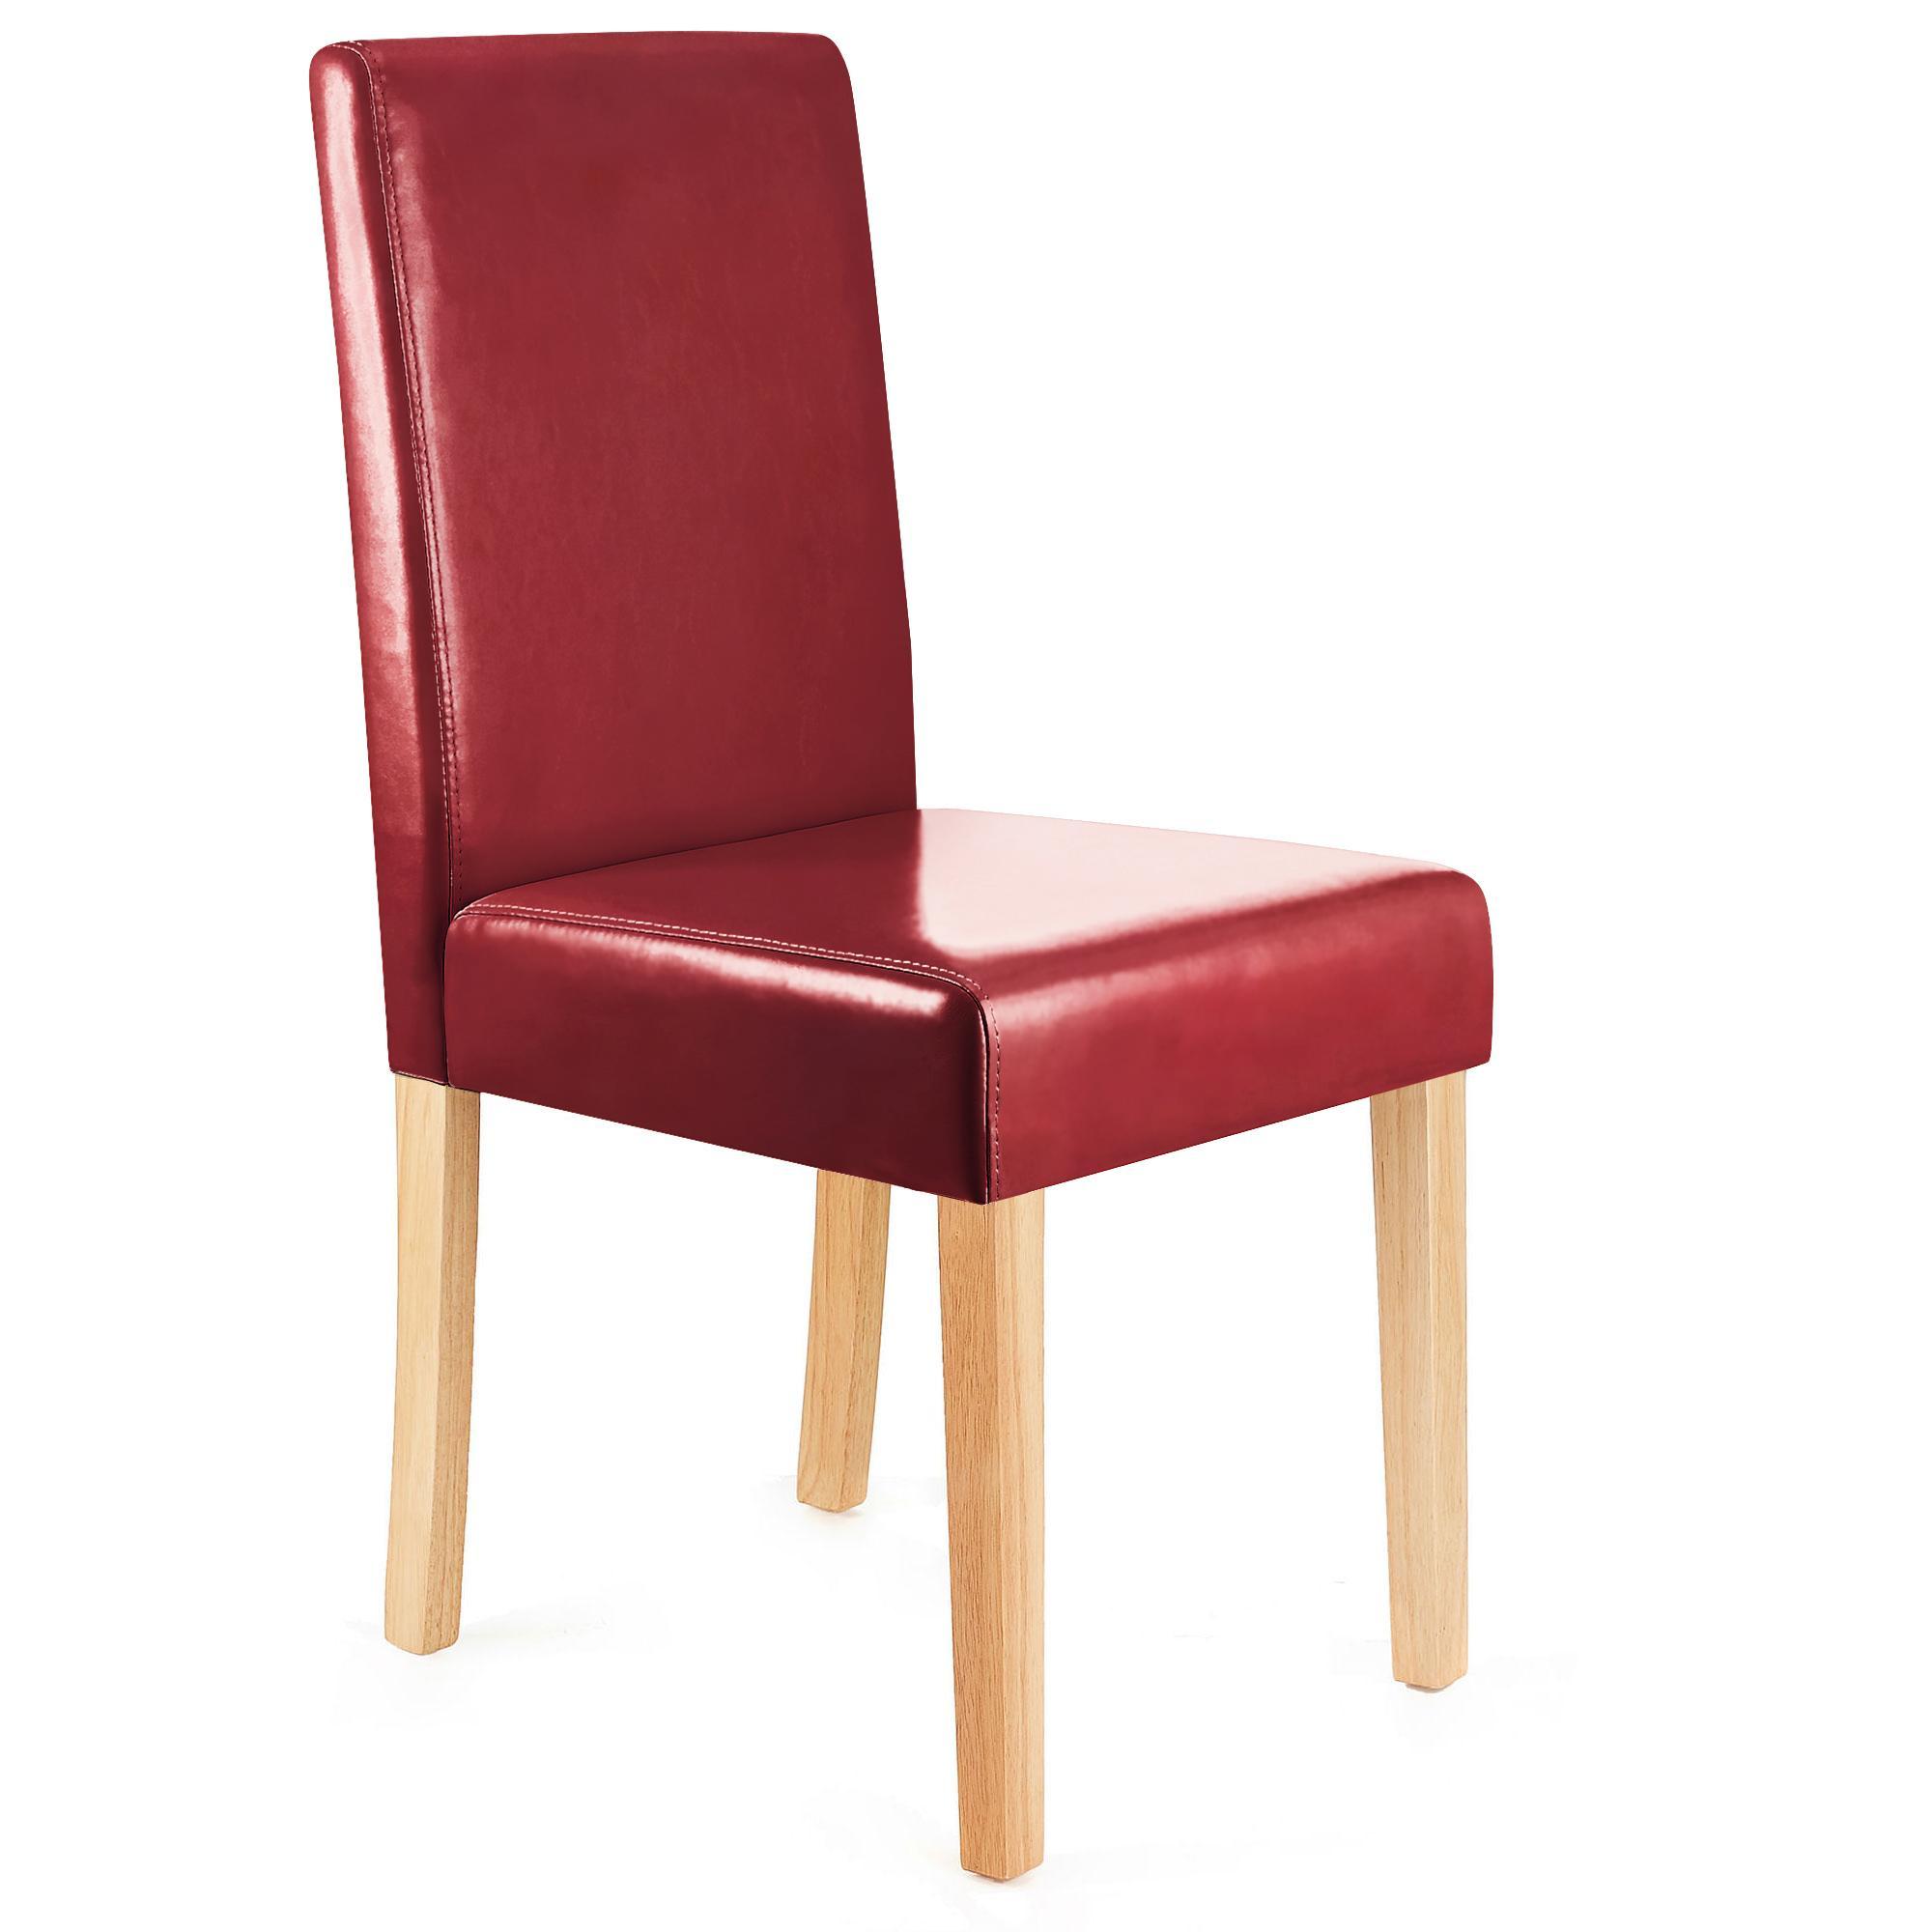 lote de sillas de comedor litau precioso diseo piel rojo patas claras